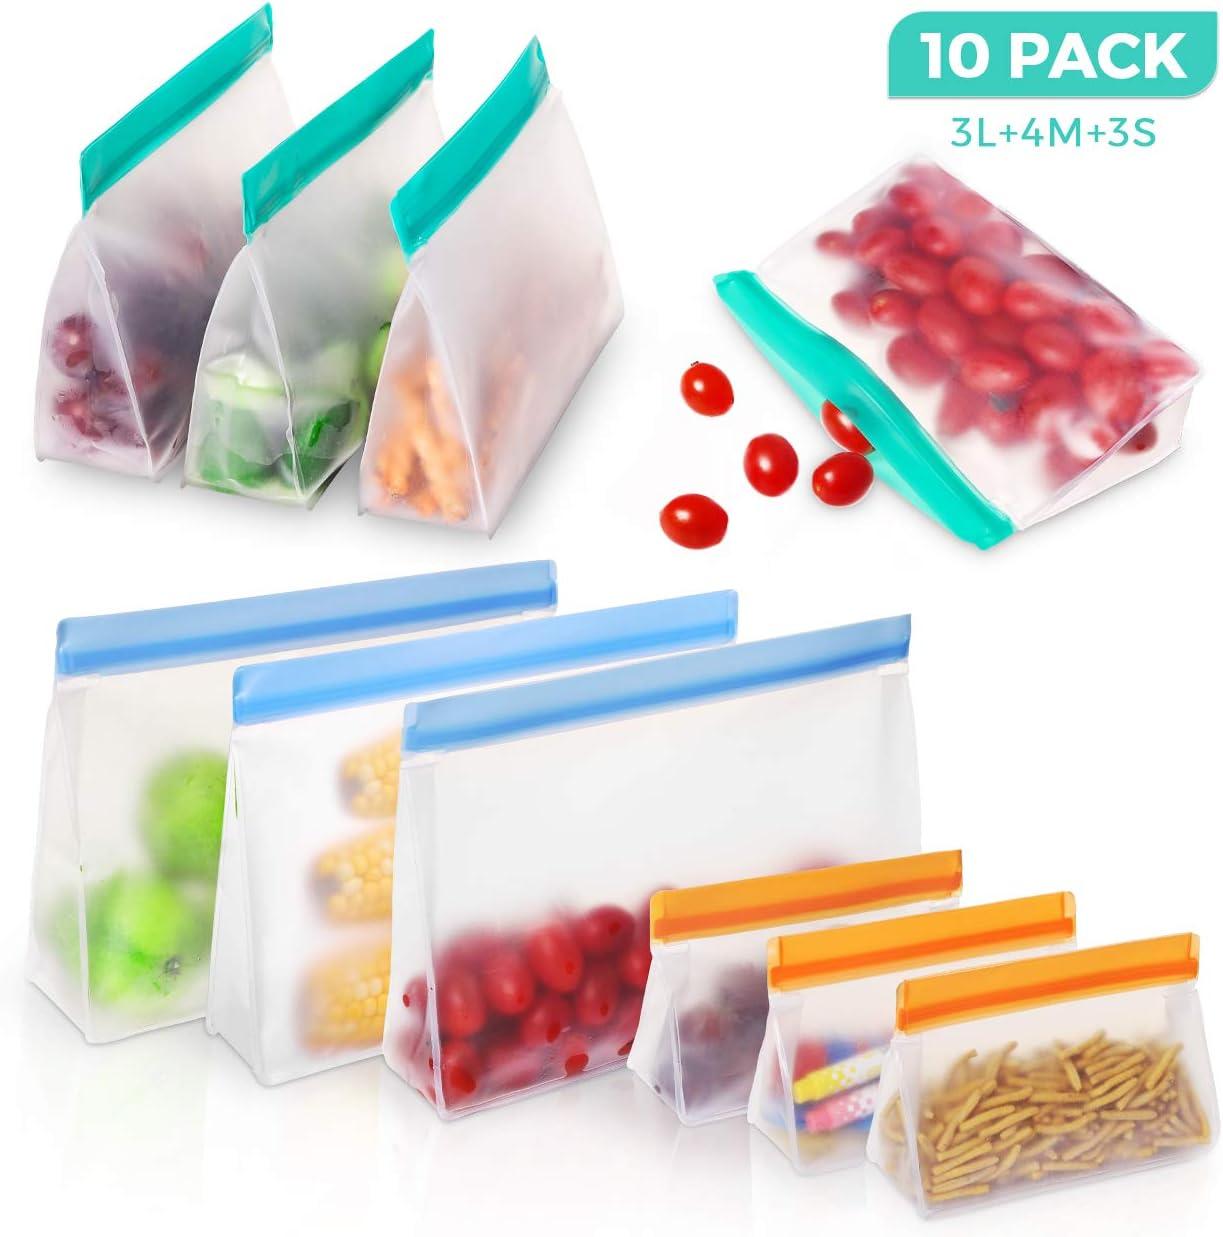 BHY Bolsas Silicona Reutilizables 10Pcs Bolsas Reutilizables de Almacenamiento de Alimentos PEVA Bolsas Zip para Almacenar y Congelar Comida Tanto Sólida cómo Líquida